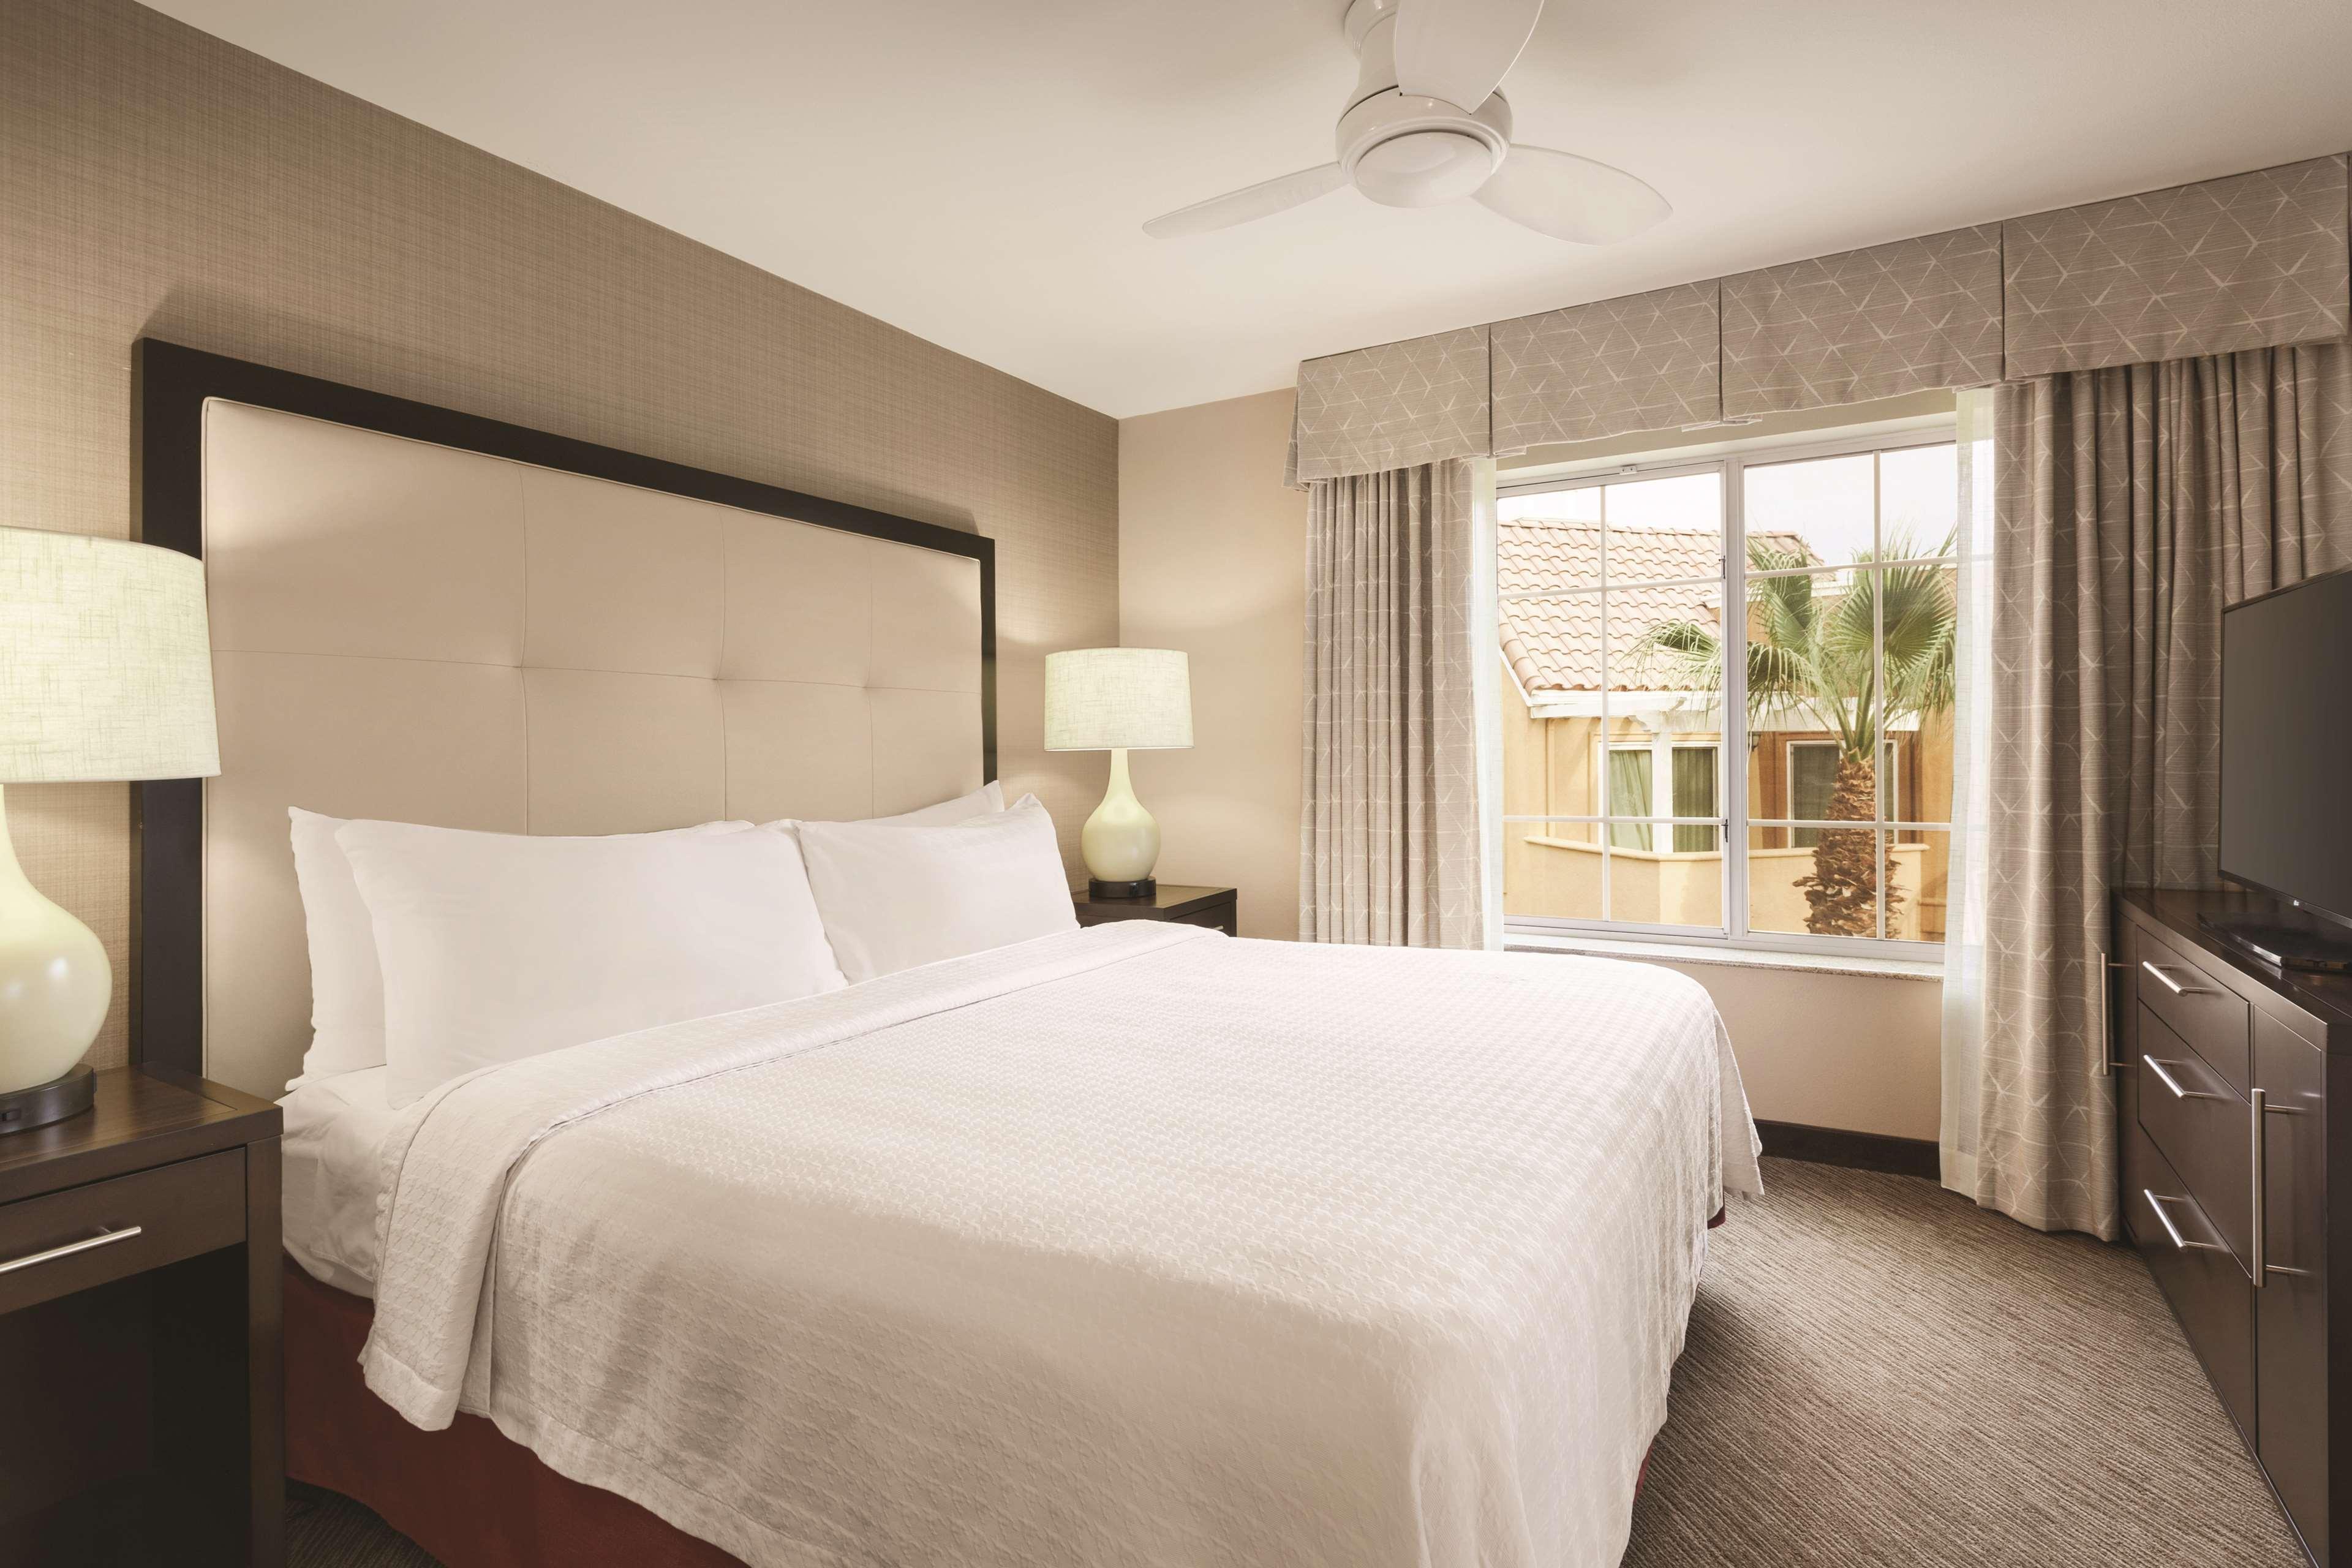 Homewood Suites by Hilton La Quinta image 20